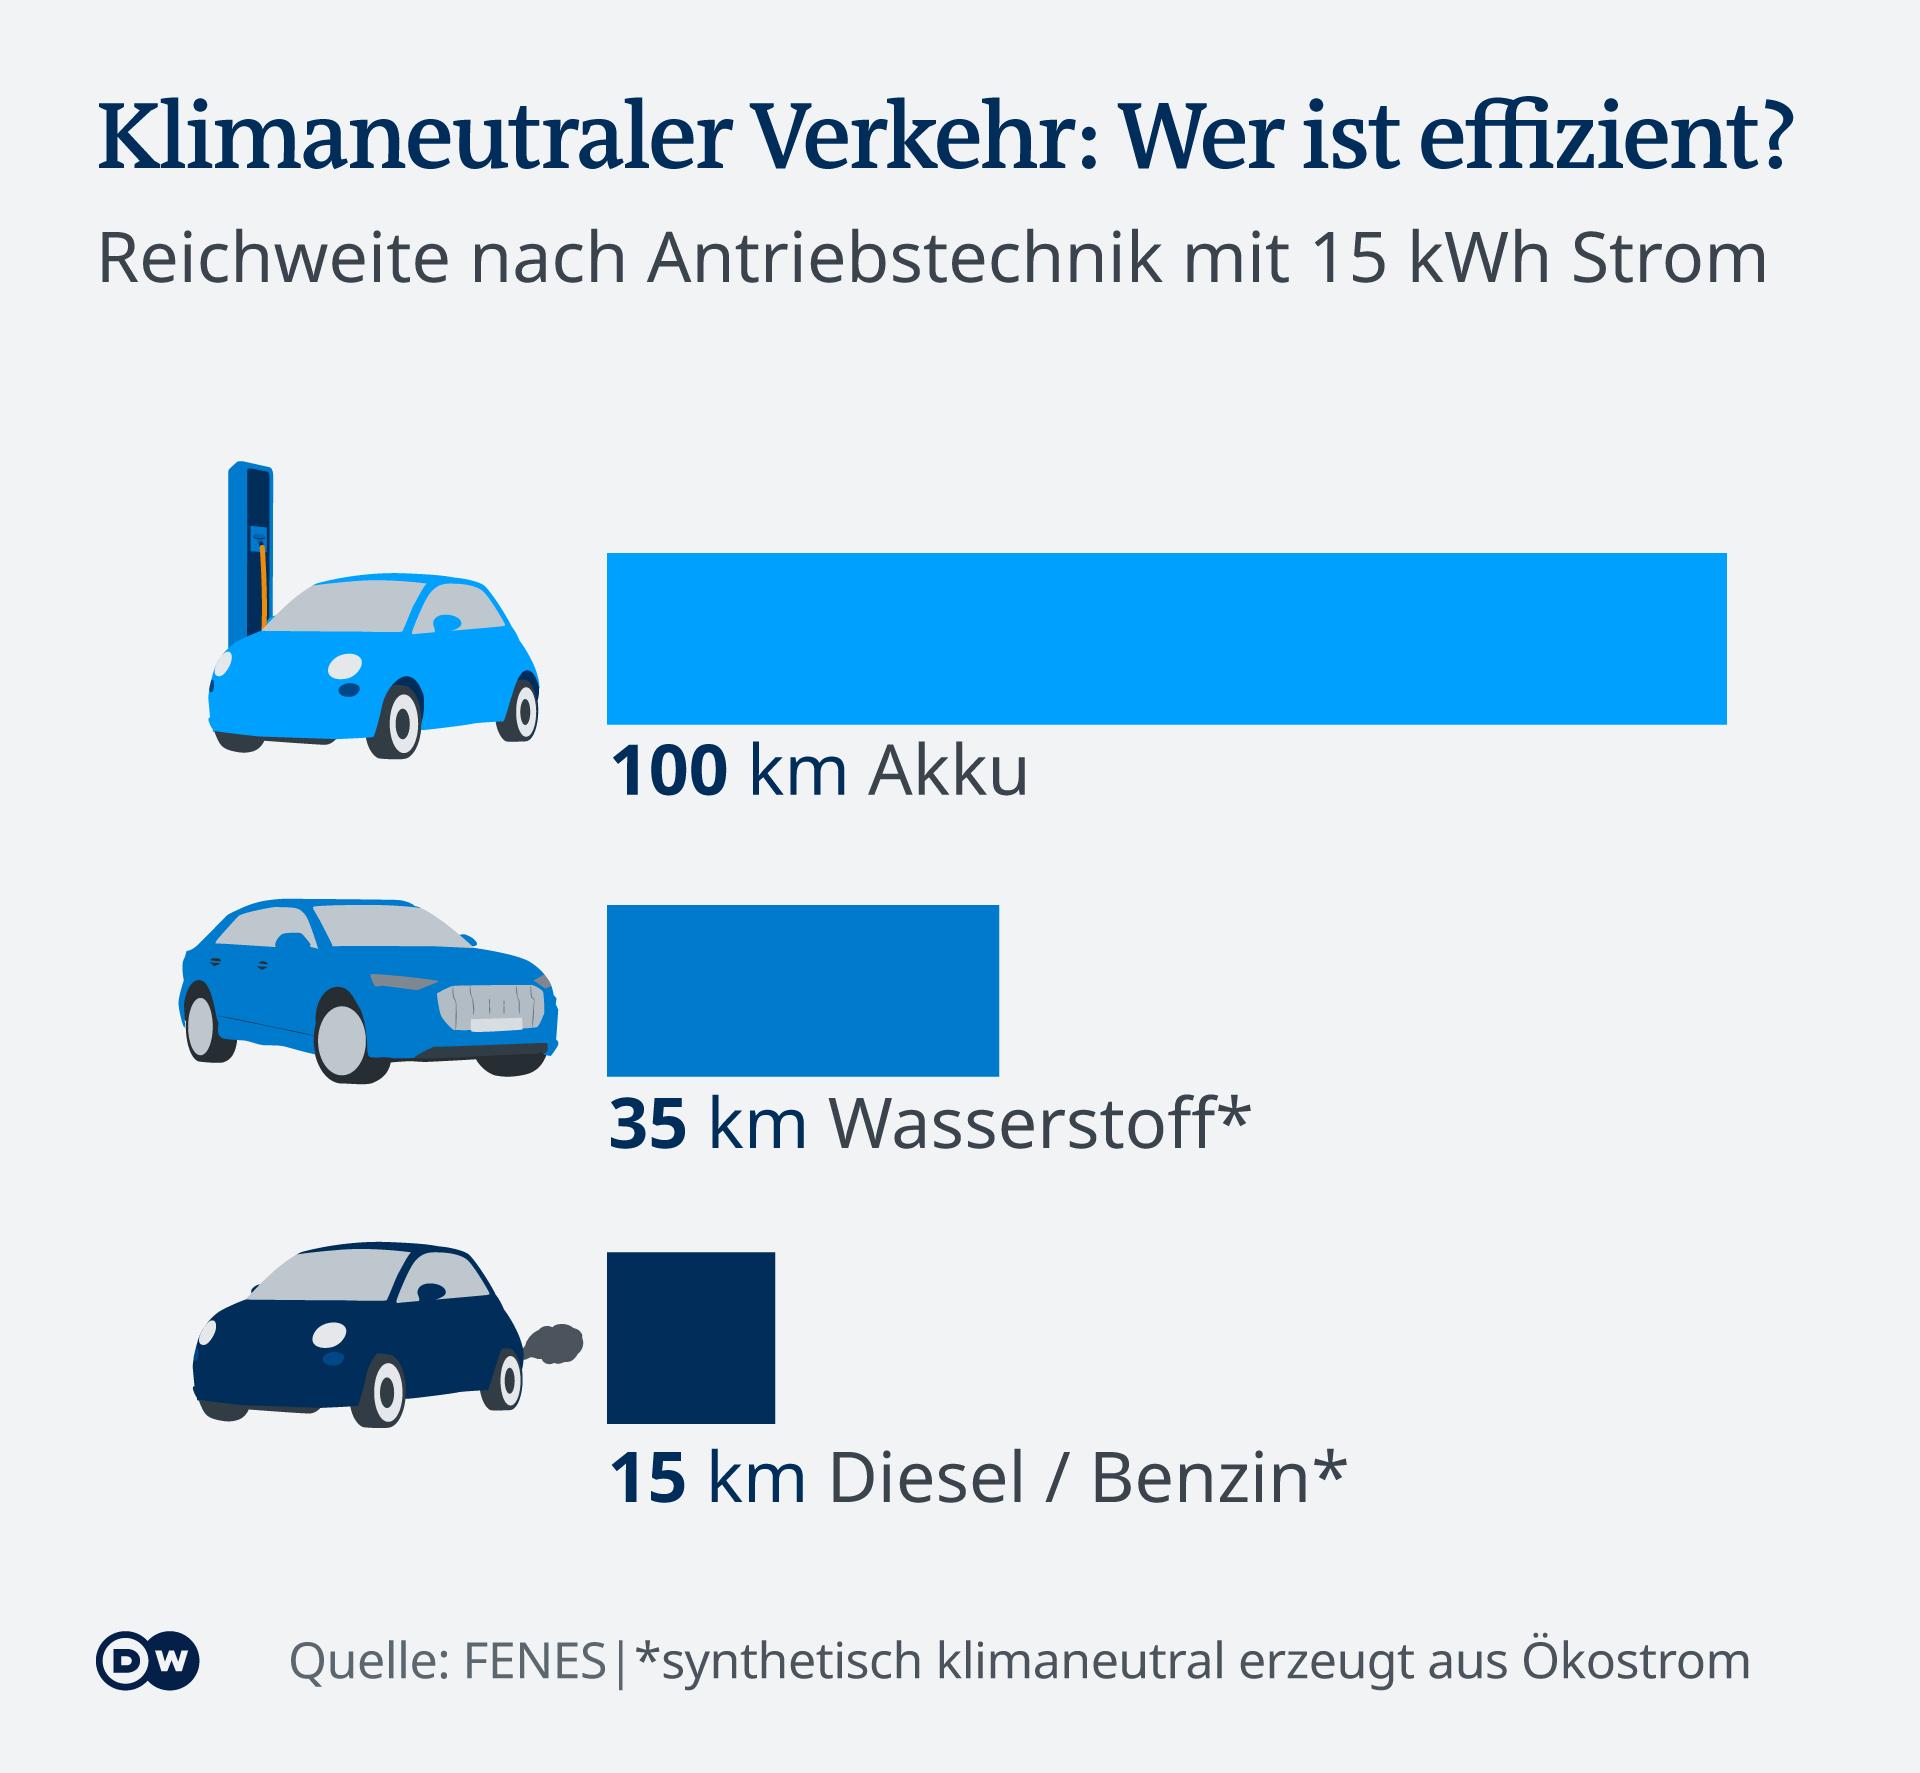 Infografik Klimaneutraler Verkehr: Wer ist effizient? Reichweite nach Antriebstechnik mit 15 kWh Strom im Vergleich